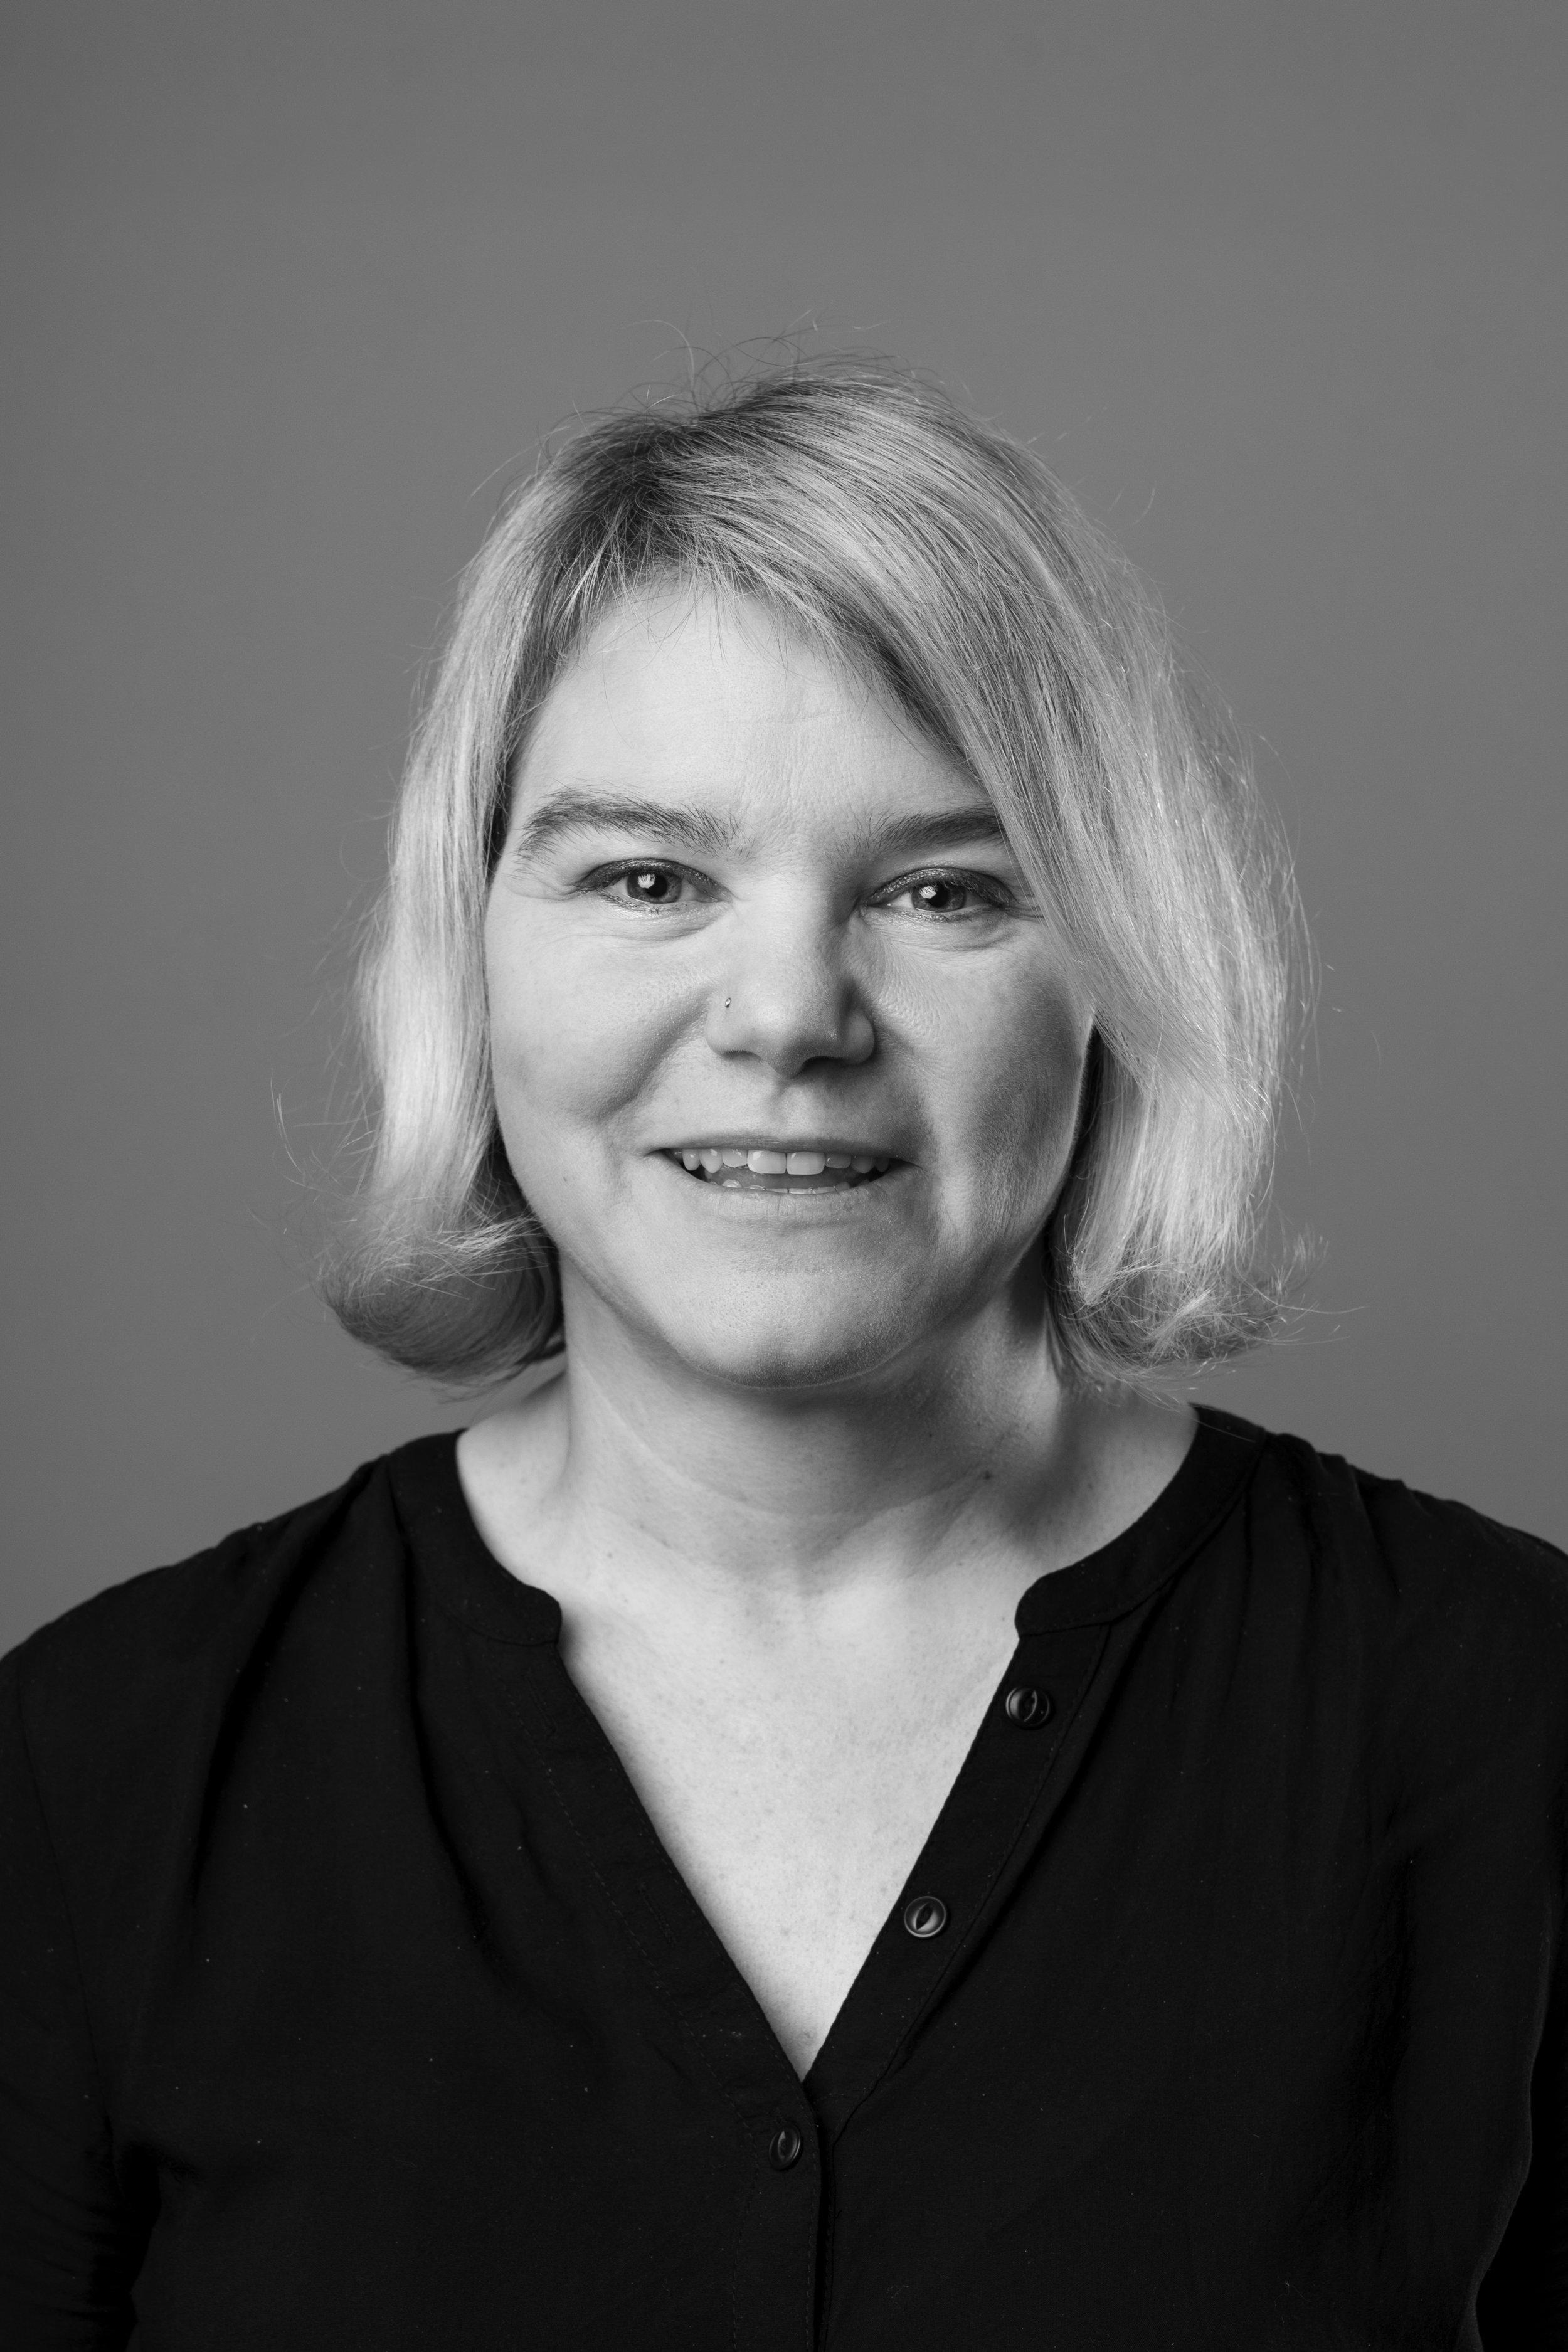 Prof. Dr. Silvia Hansen-Schirra